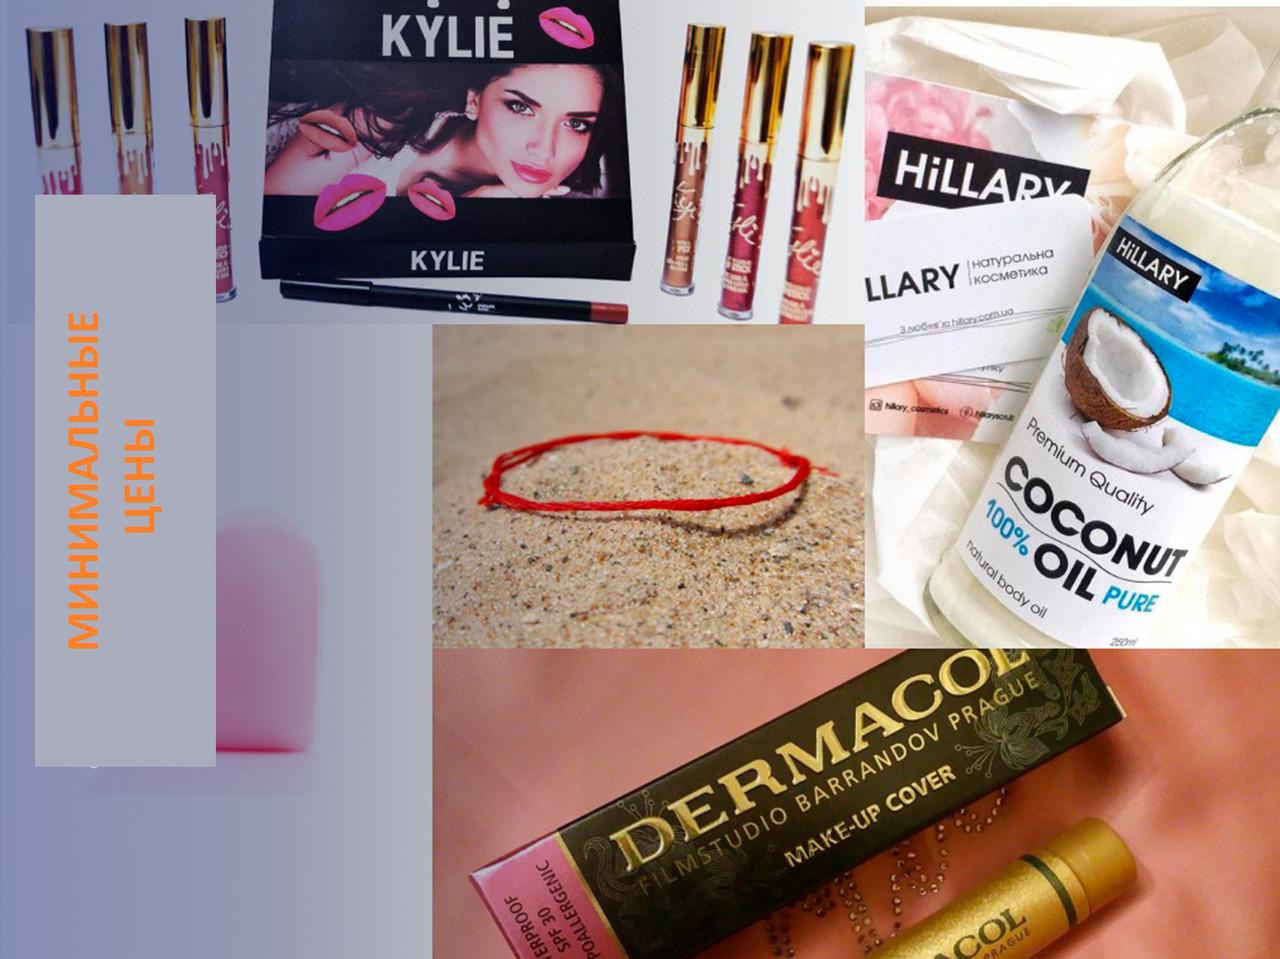 Женский набор № 10 (Тональный крем Dermacol+Набор матовых жидких помад Kylie (6 штук) + карандаш+..)